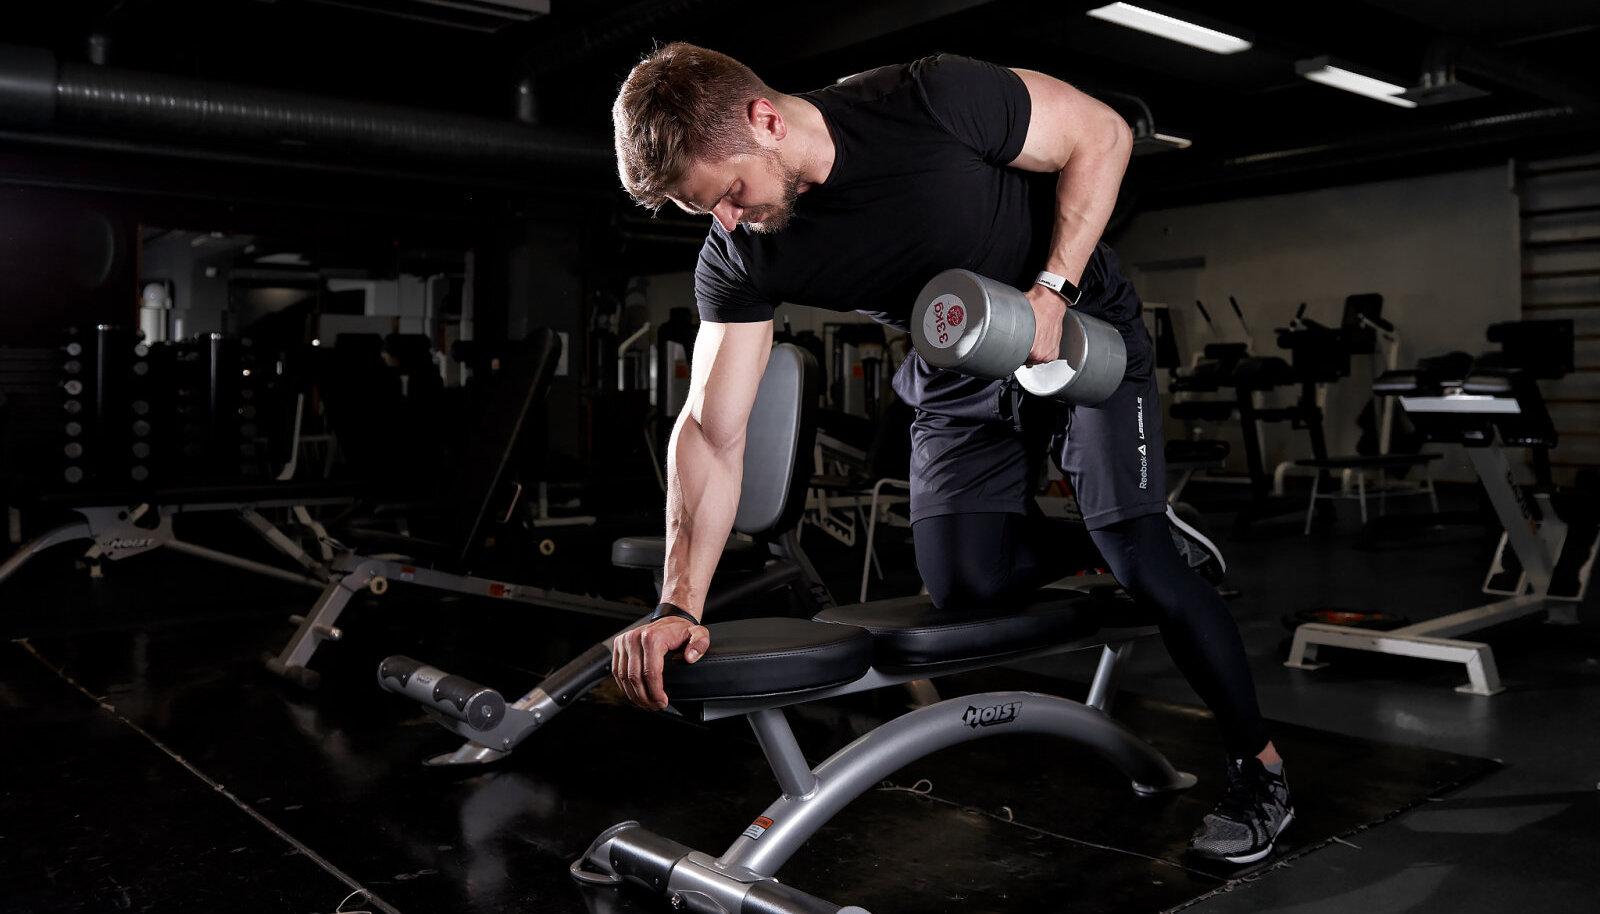 Kui palju rasva sa poletad Kui kaua tootada rasva poletamiseks mitte lihaste